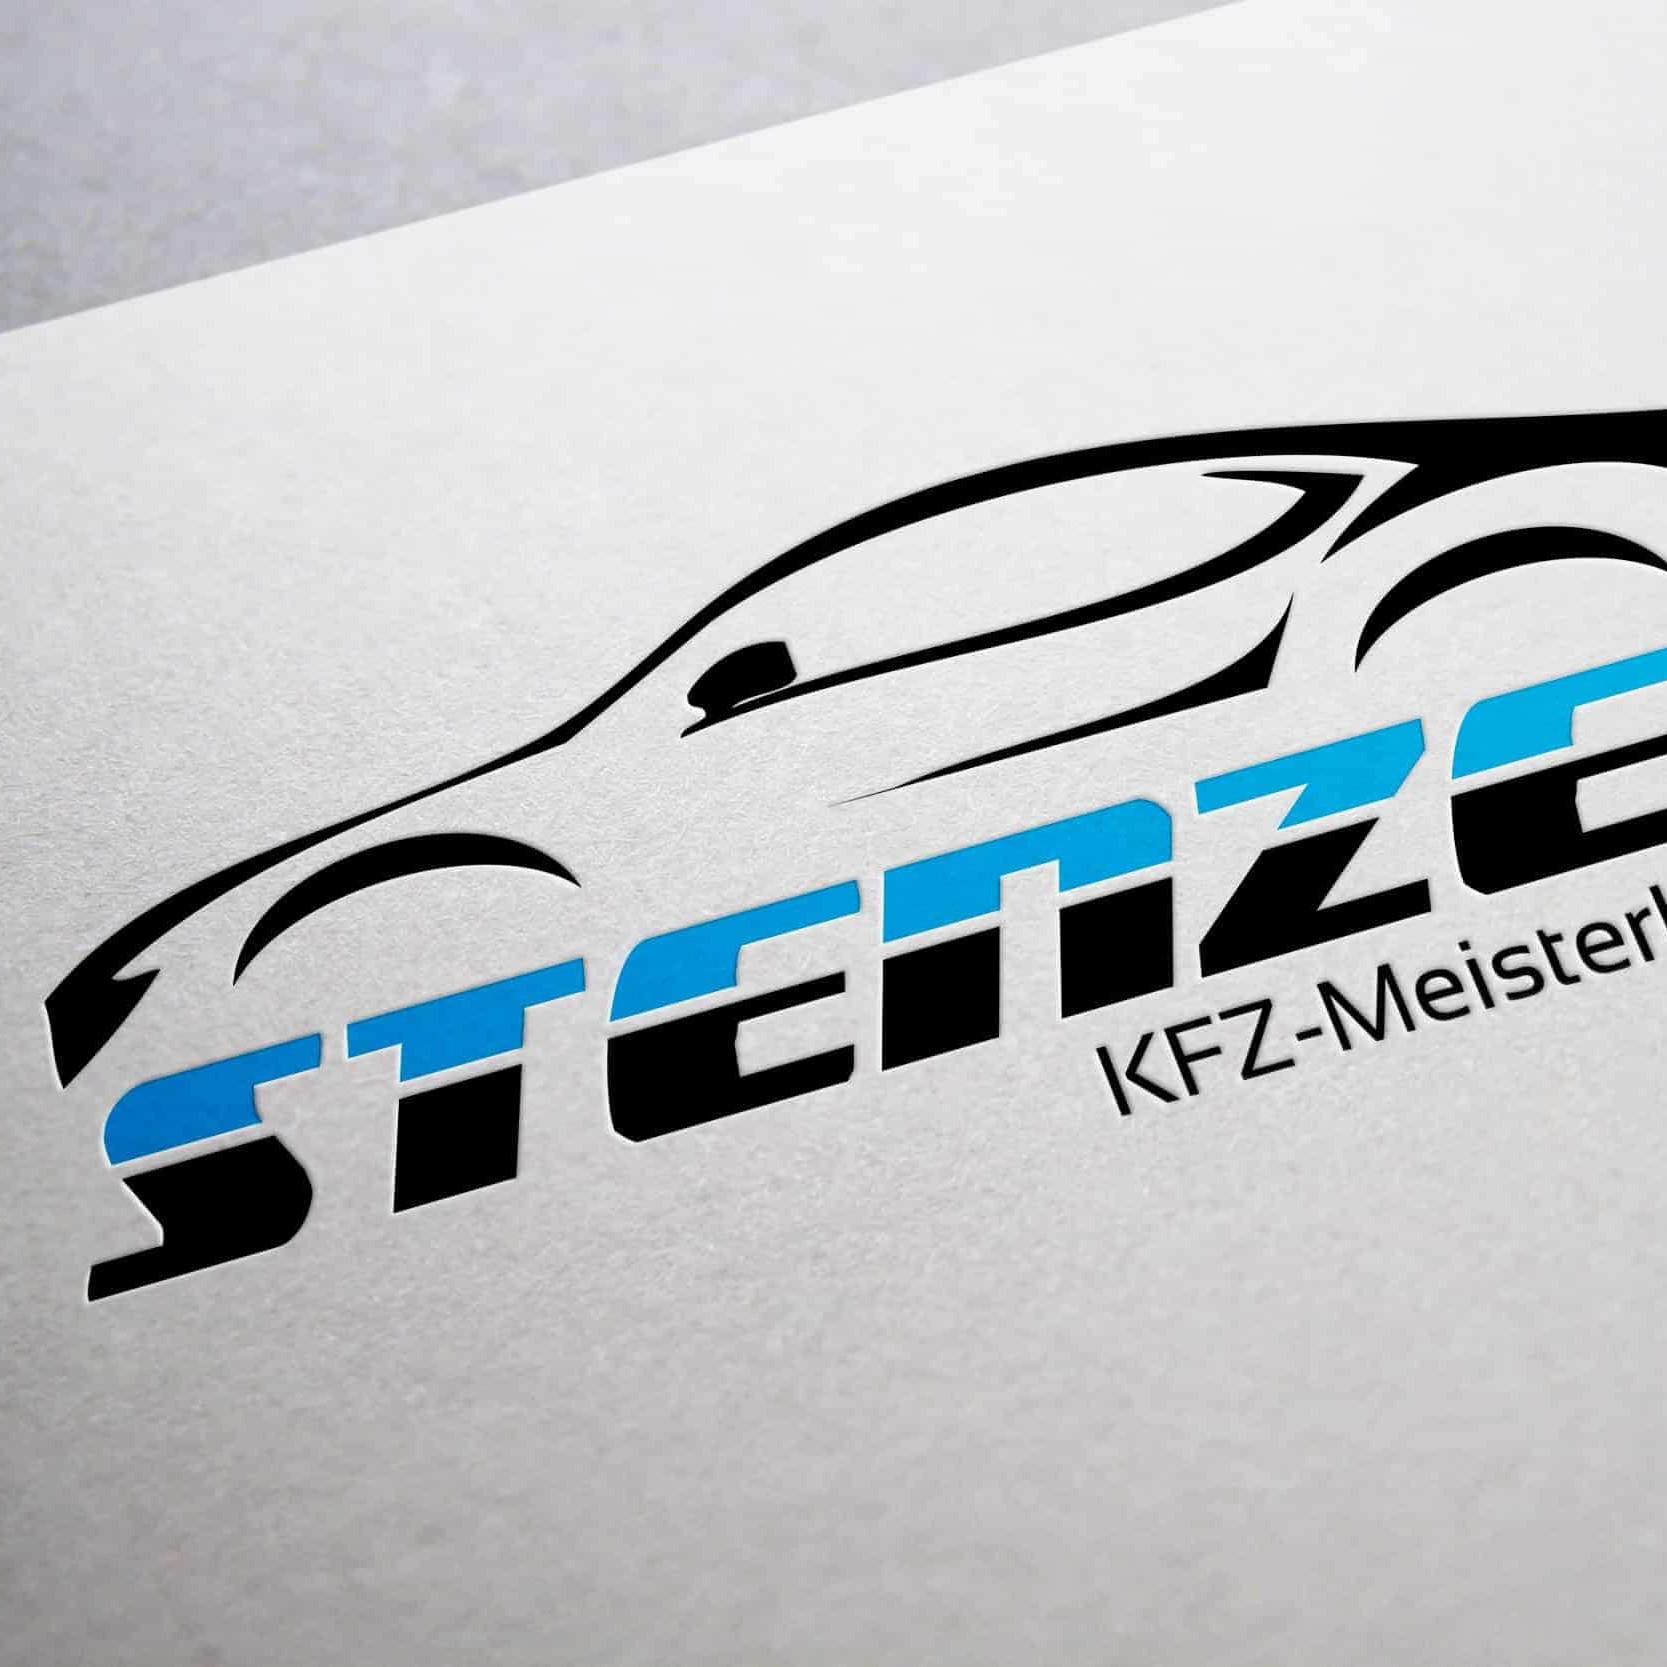 Logo KFZ-Meisterbetrieb Stenzel